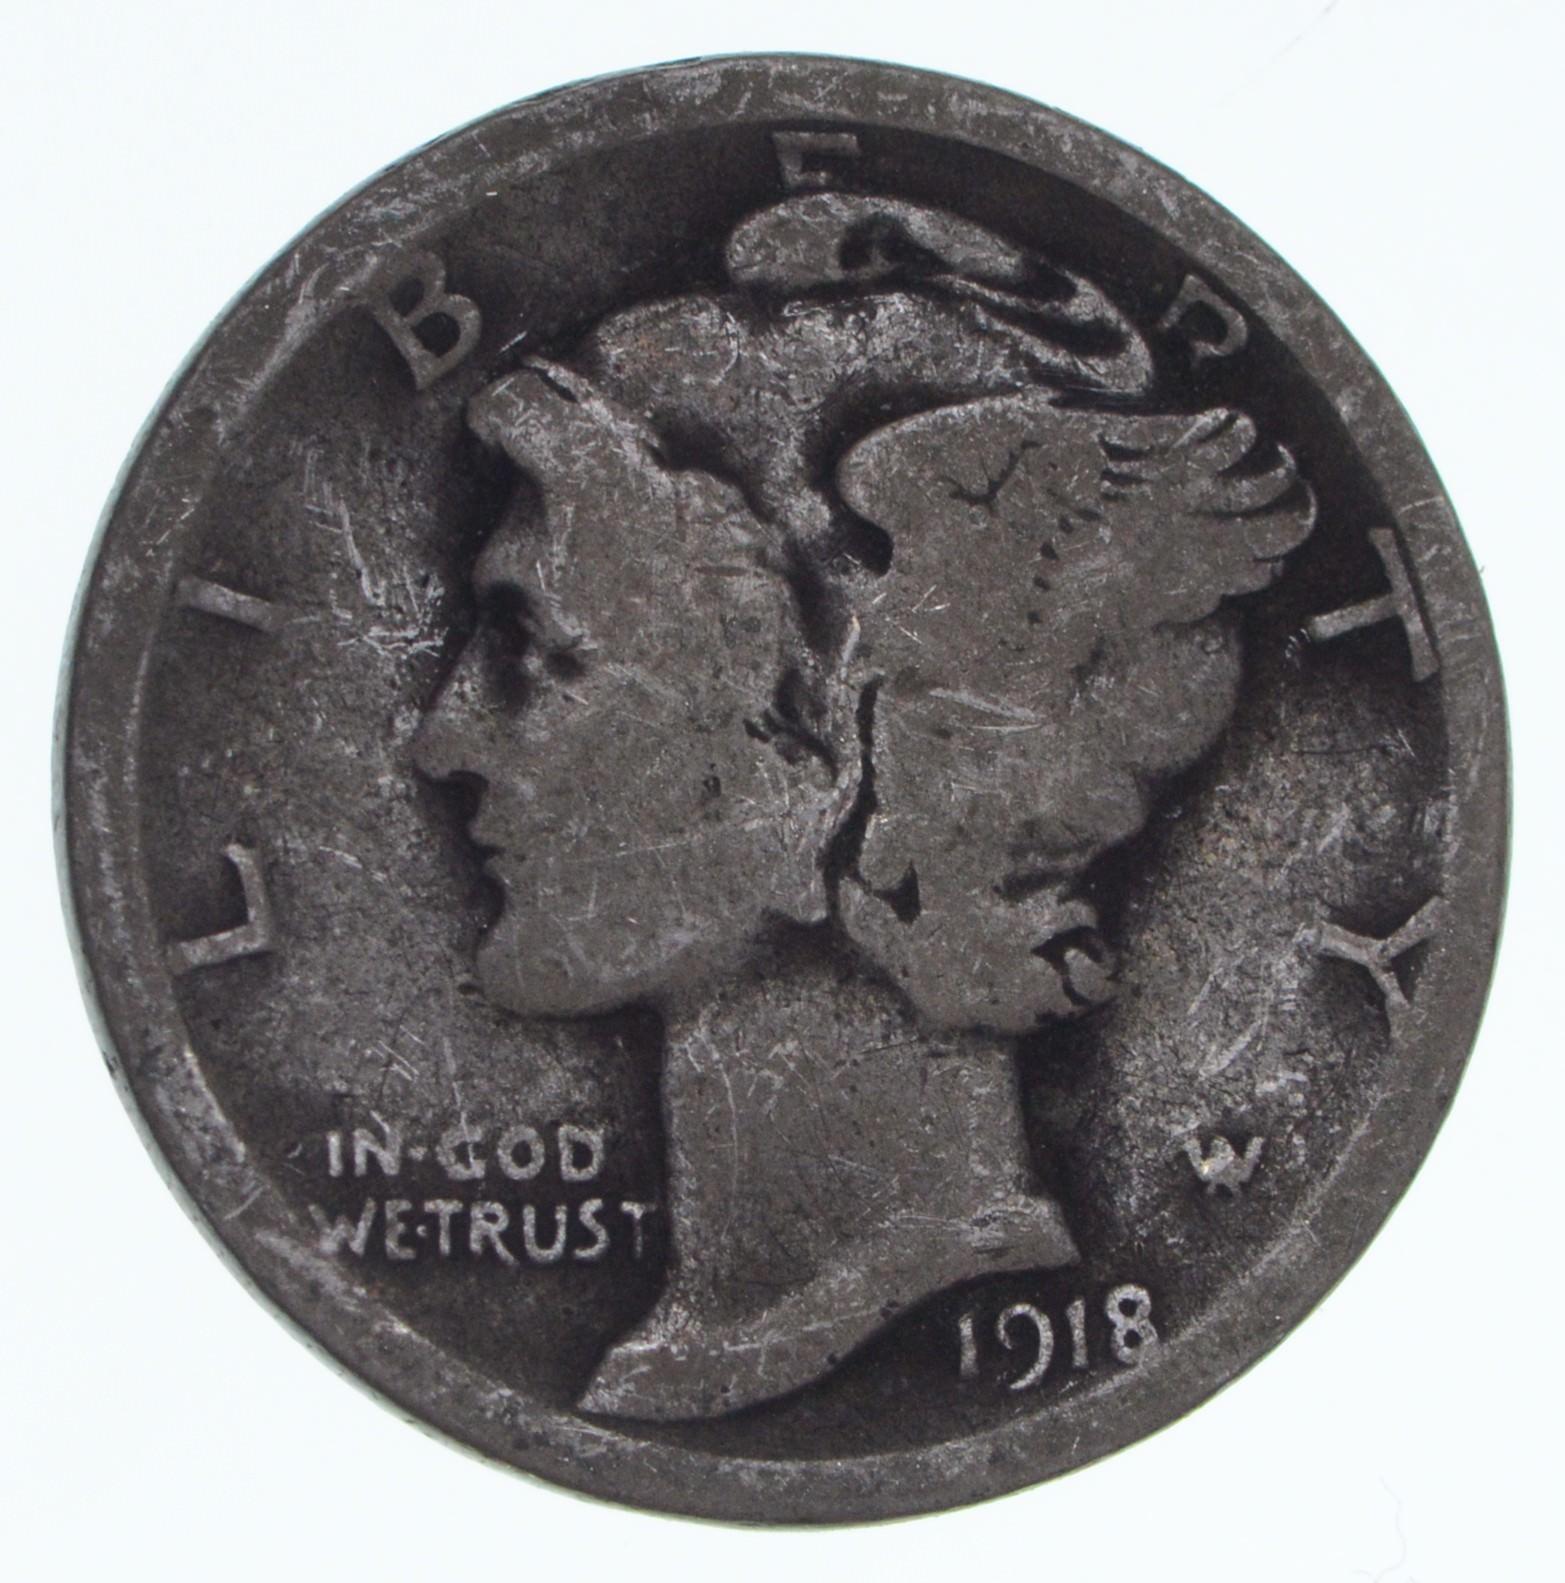 90/% Silver US Coin 1918-D Mercury Dime Circulated